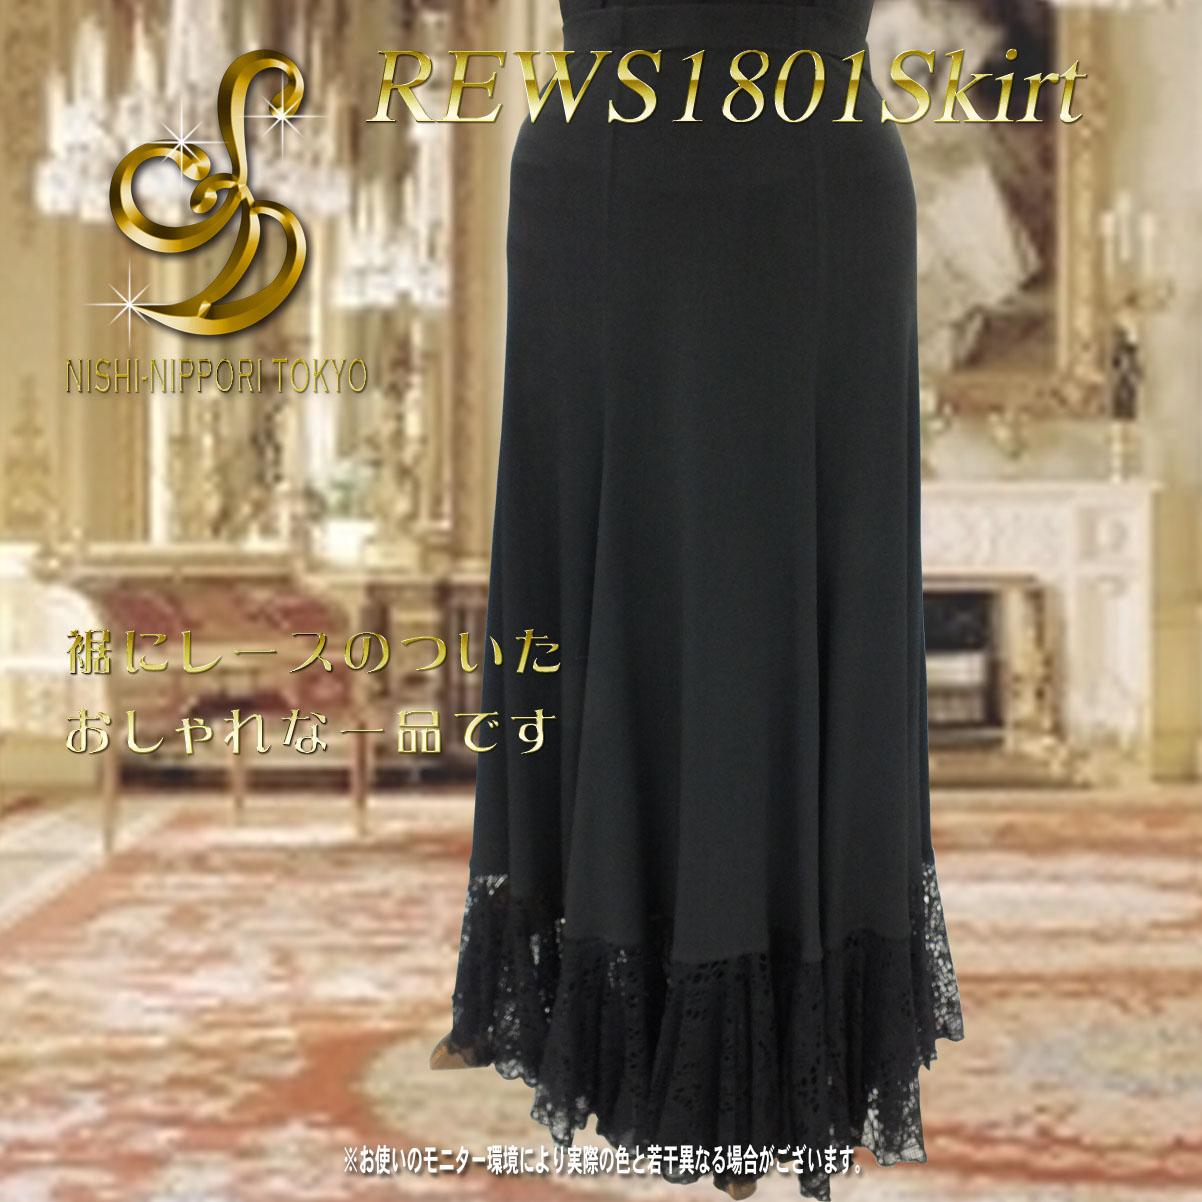 REWS1801 スカート BK(黒のみ)01